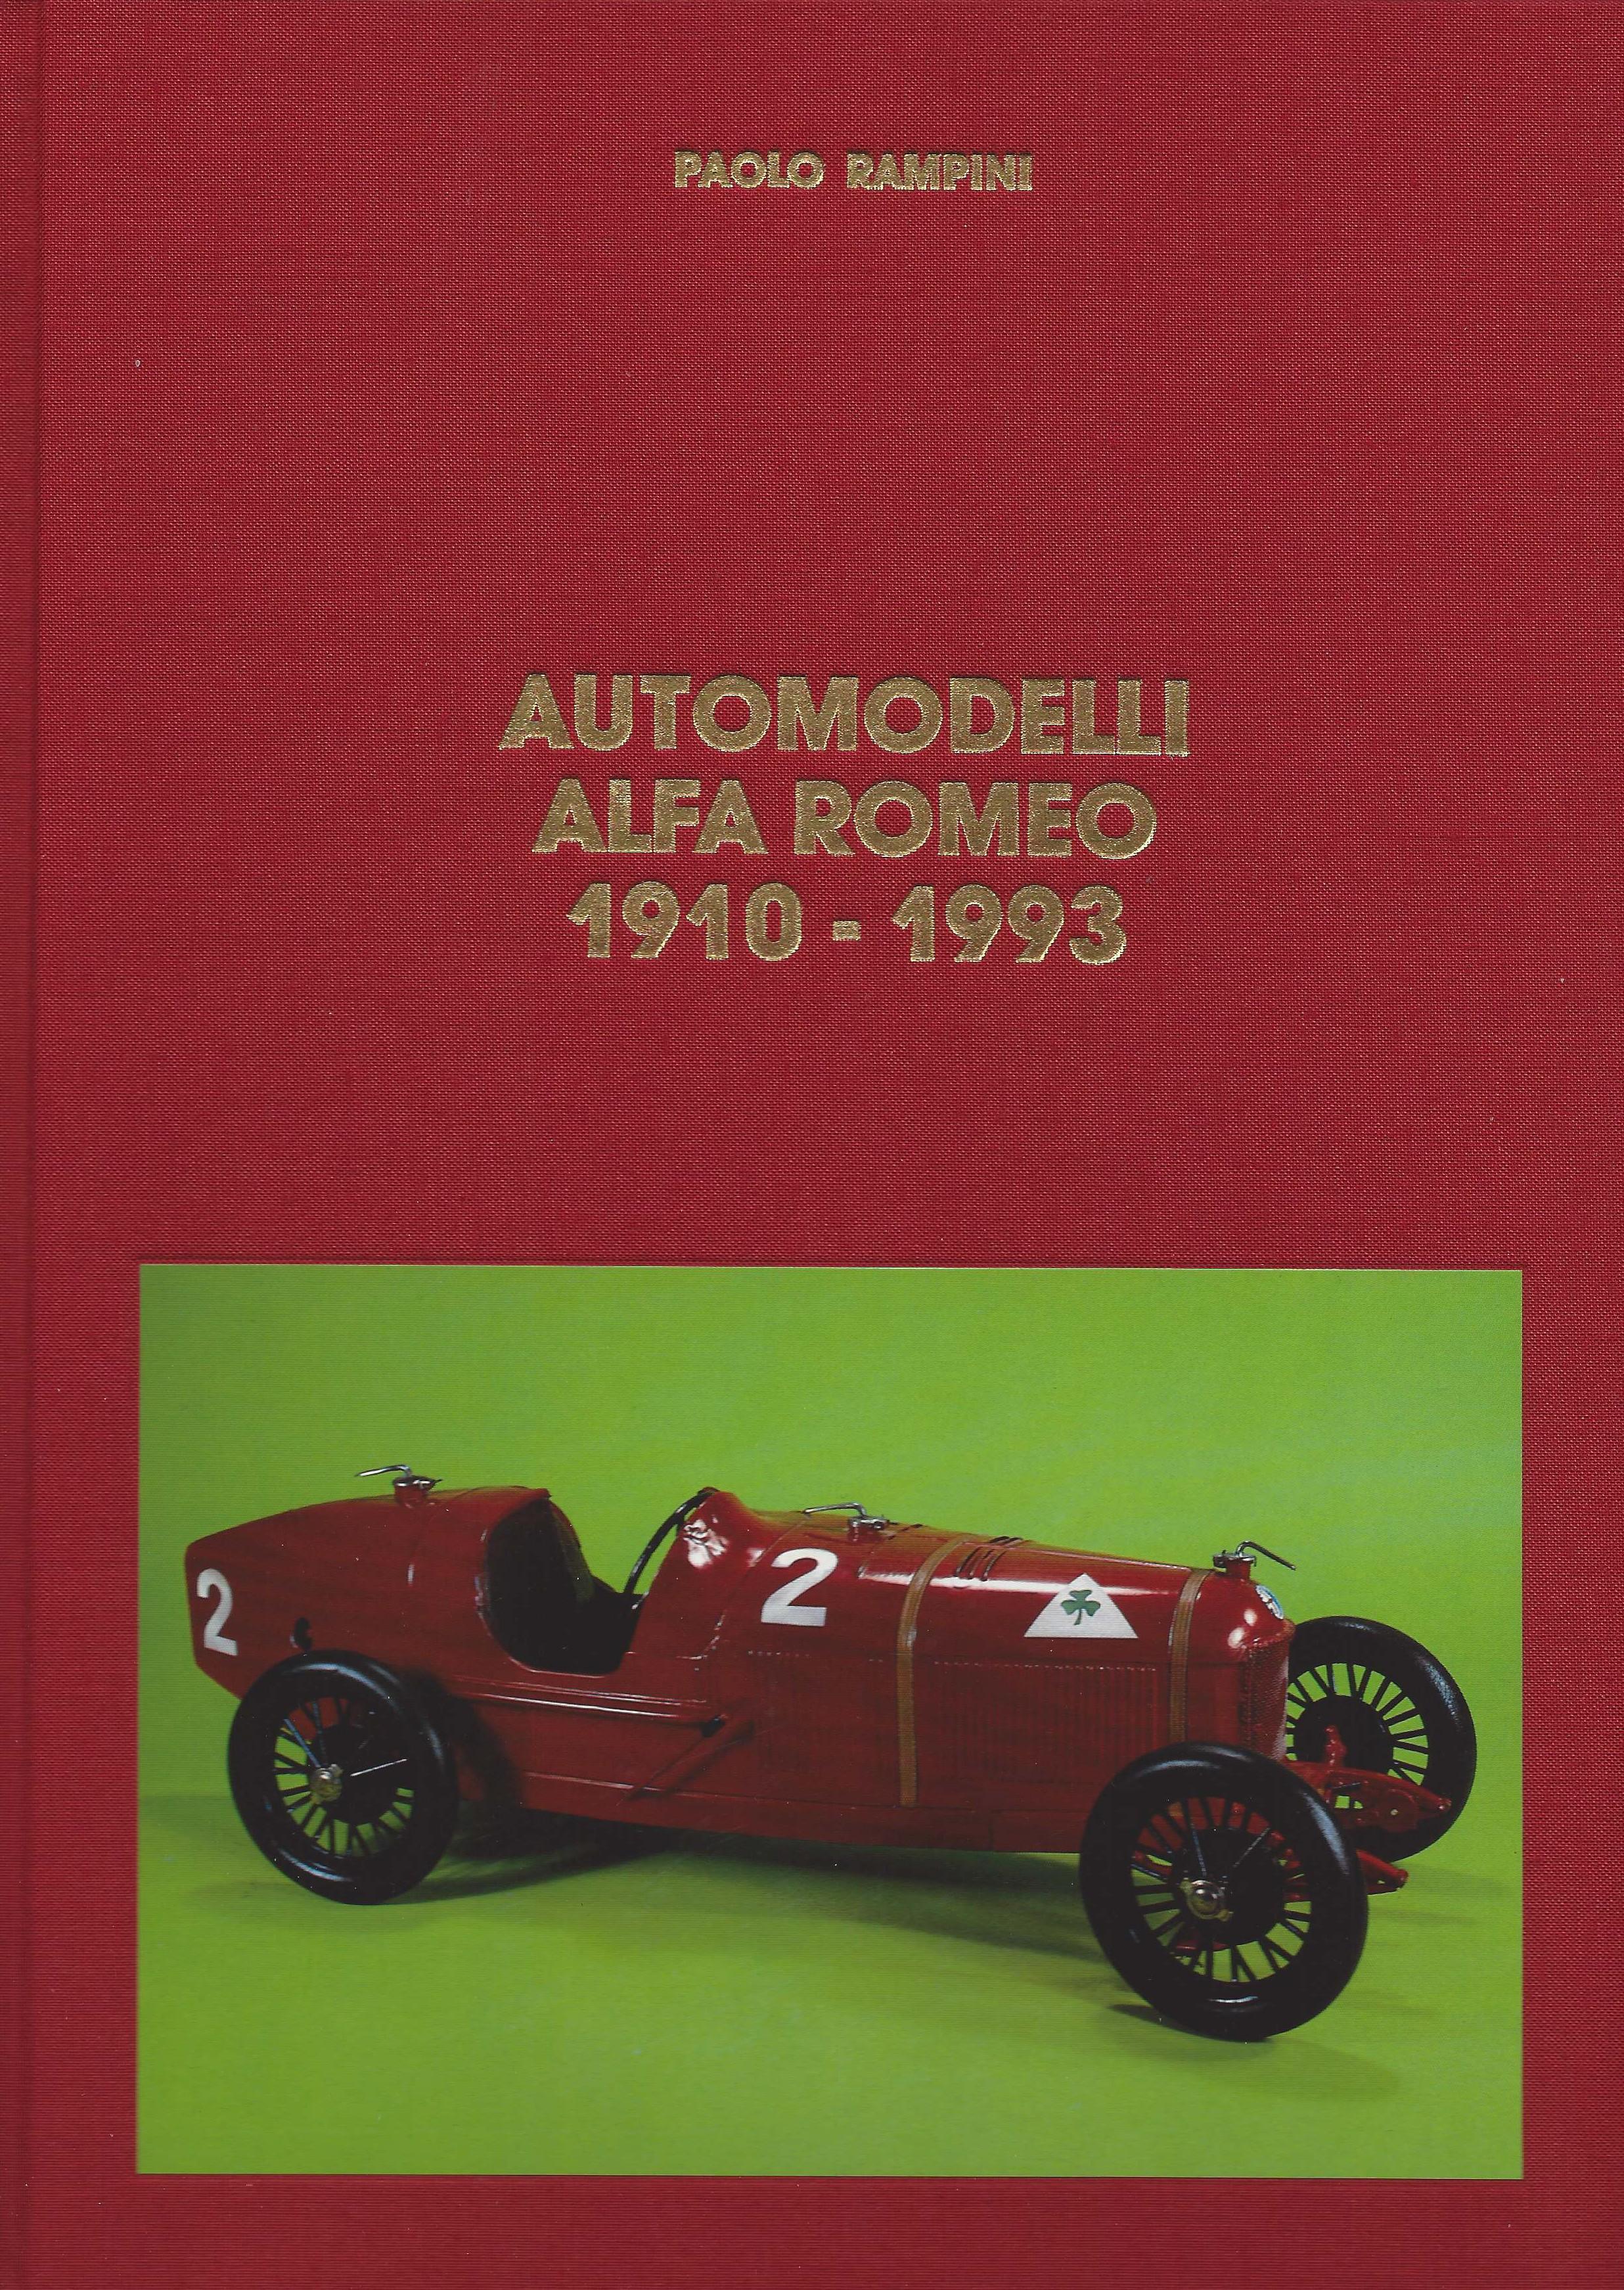 6 - Automodelli Alfa Romeo 1910-1993, Milano, Edizioni Paolo Rampini, 1993